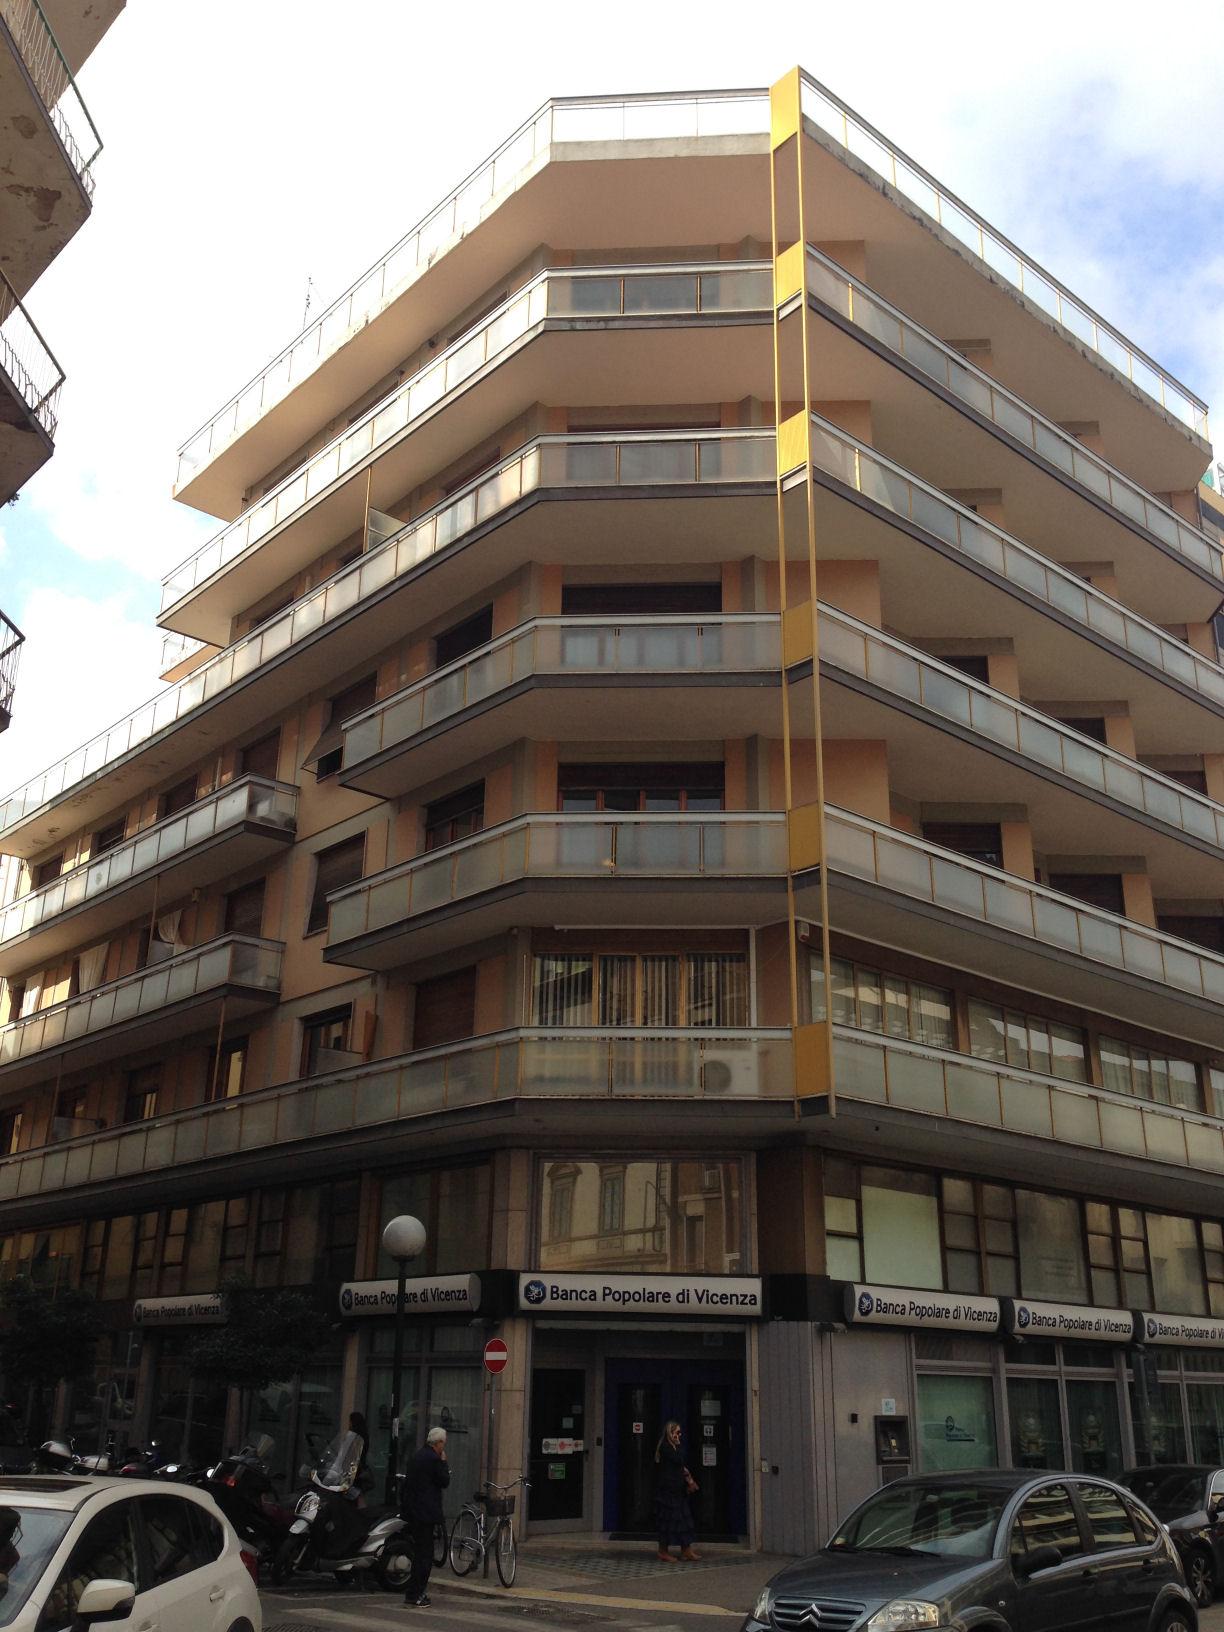 Arezzo. Centro città. Via F. Petrarca. Appartamento 3 locali, con terrazza.